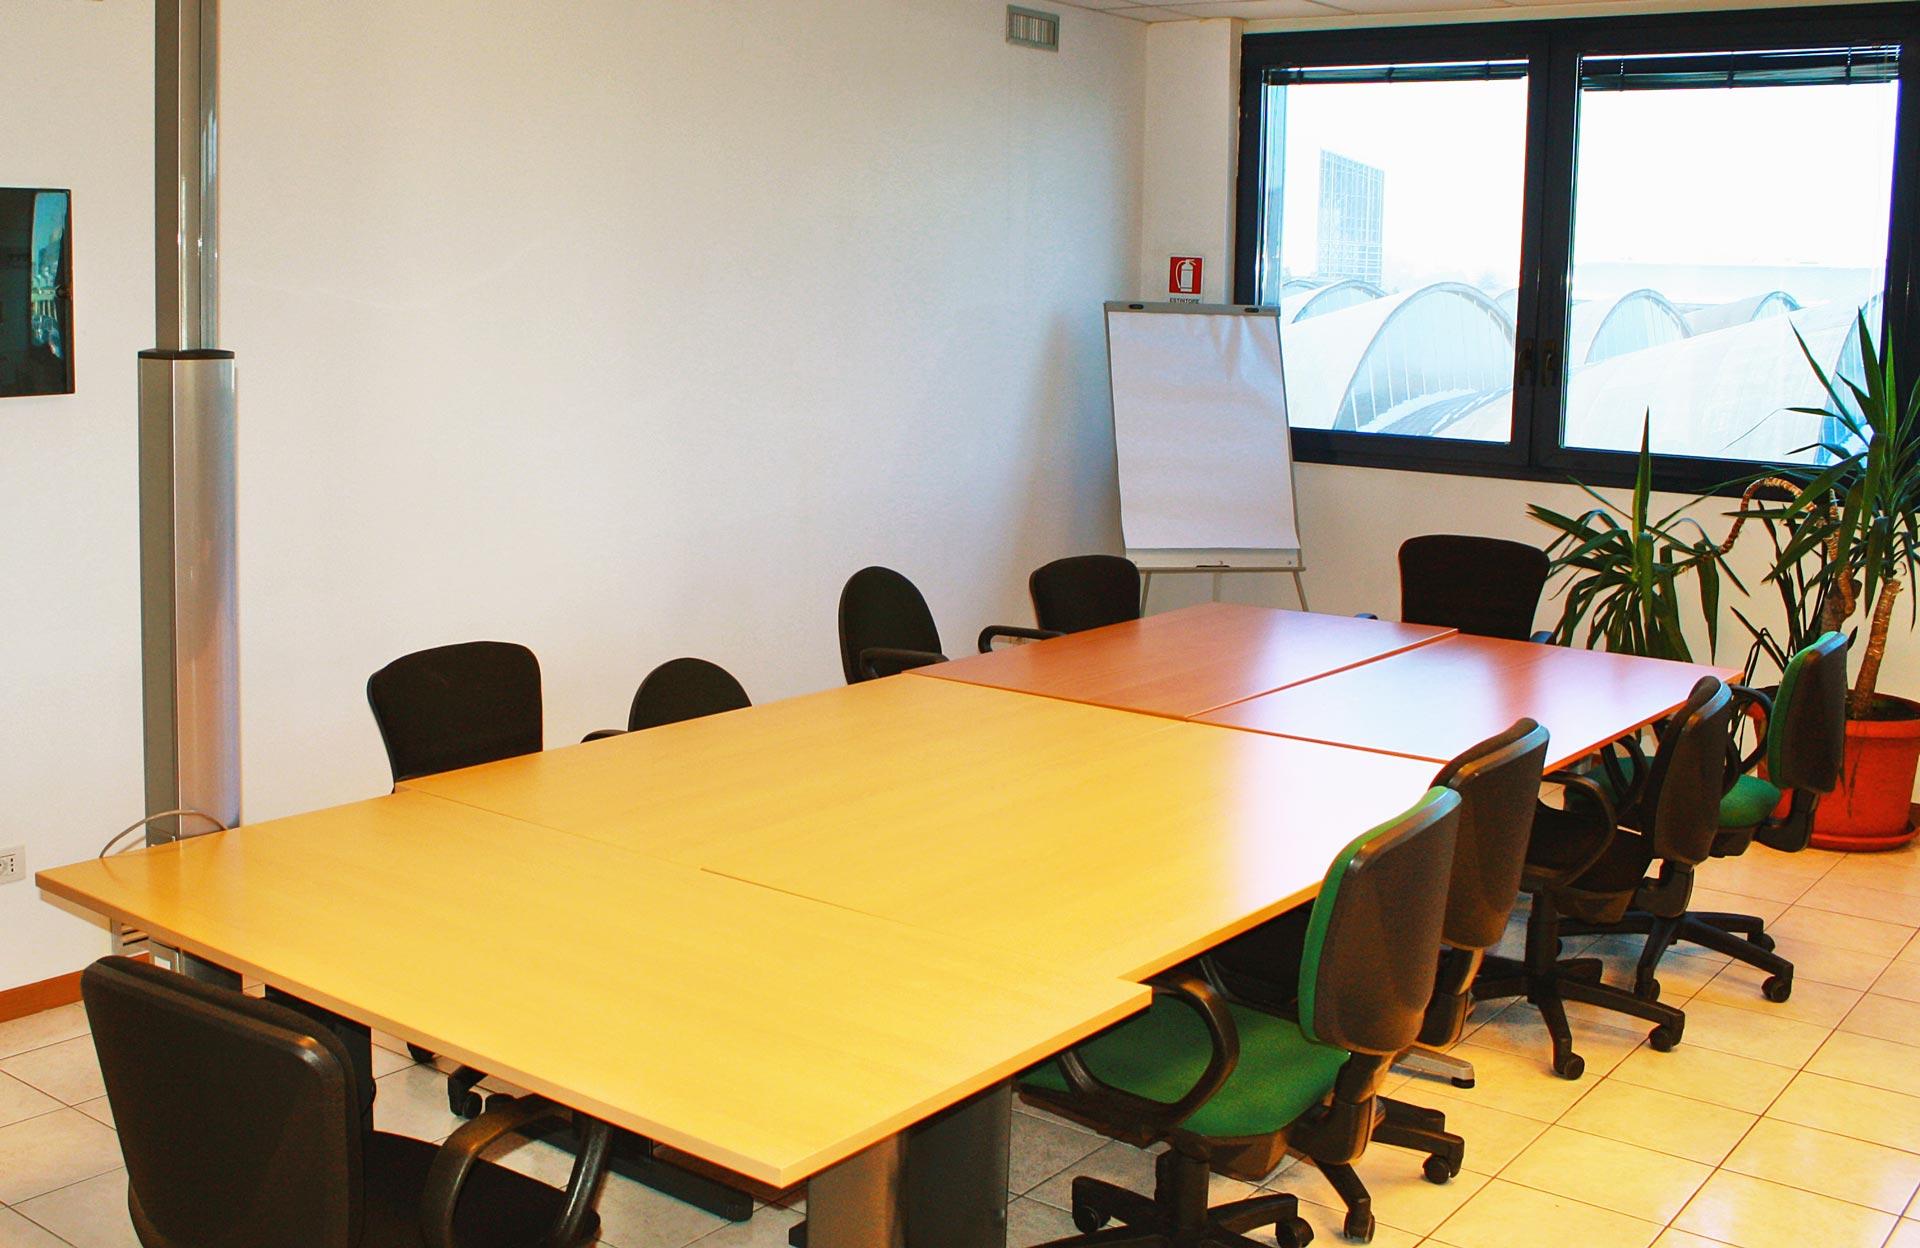 Affitto Aule A Padova E Noleggio Uffici Trainingplace